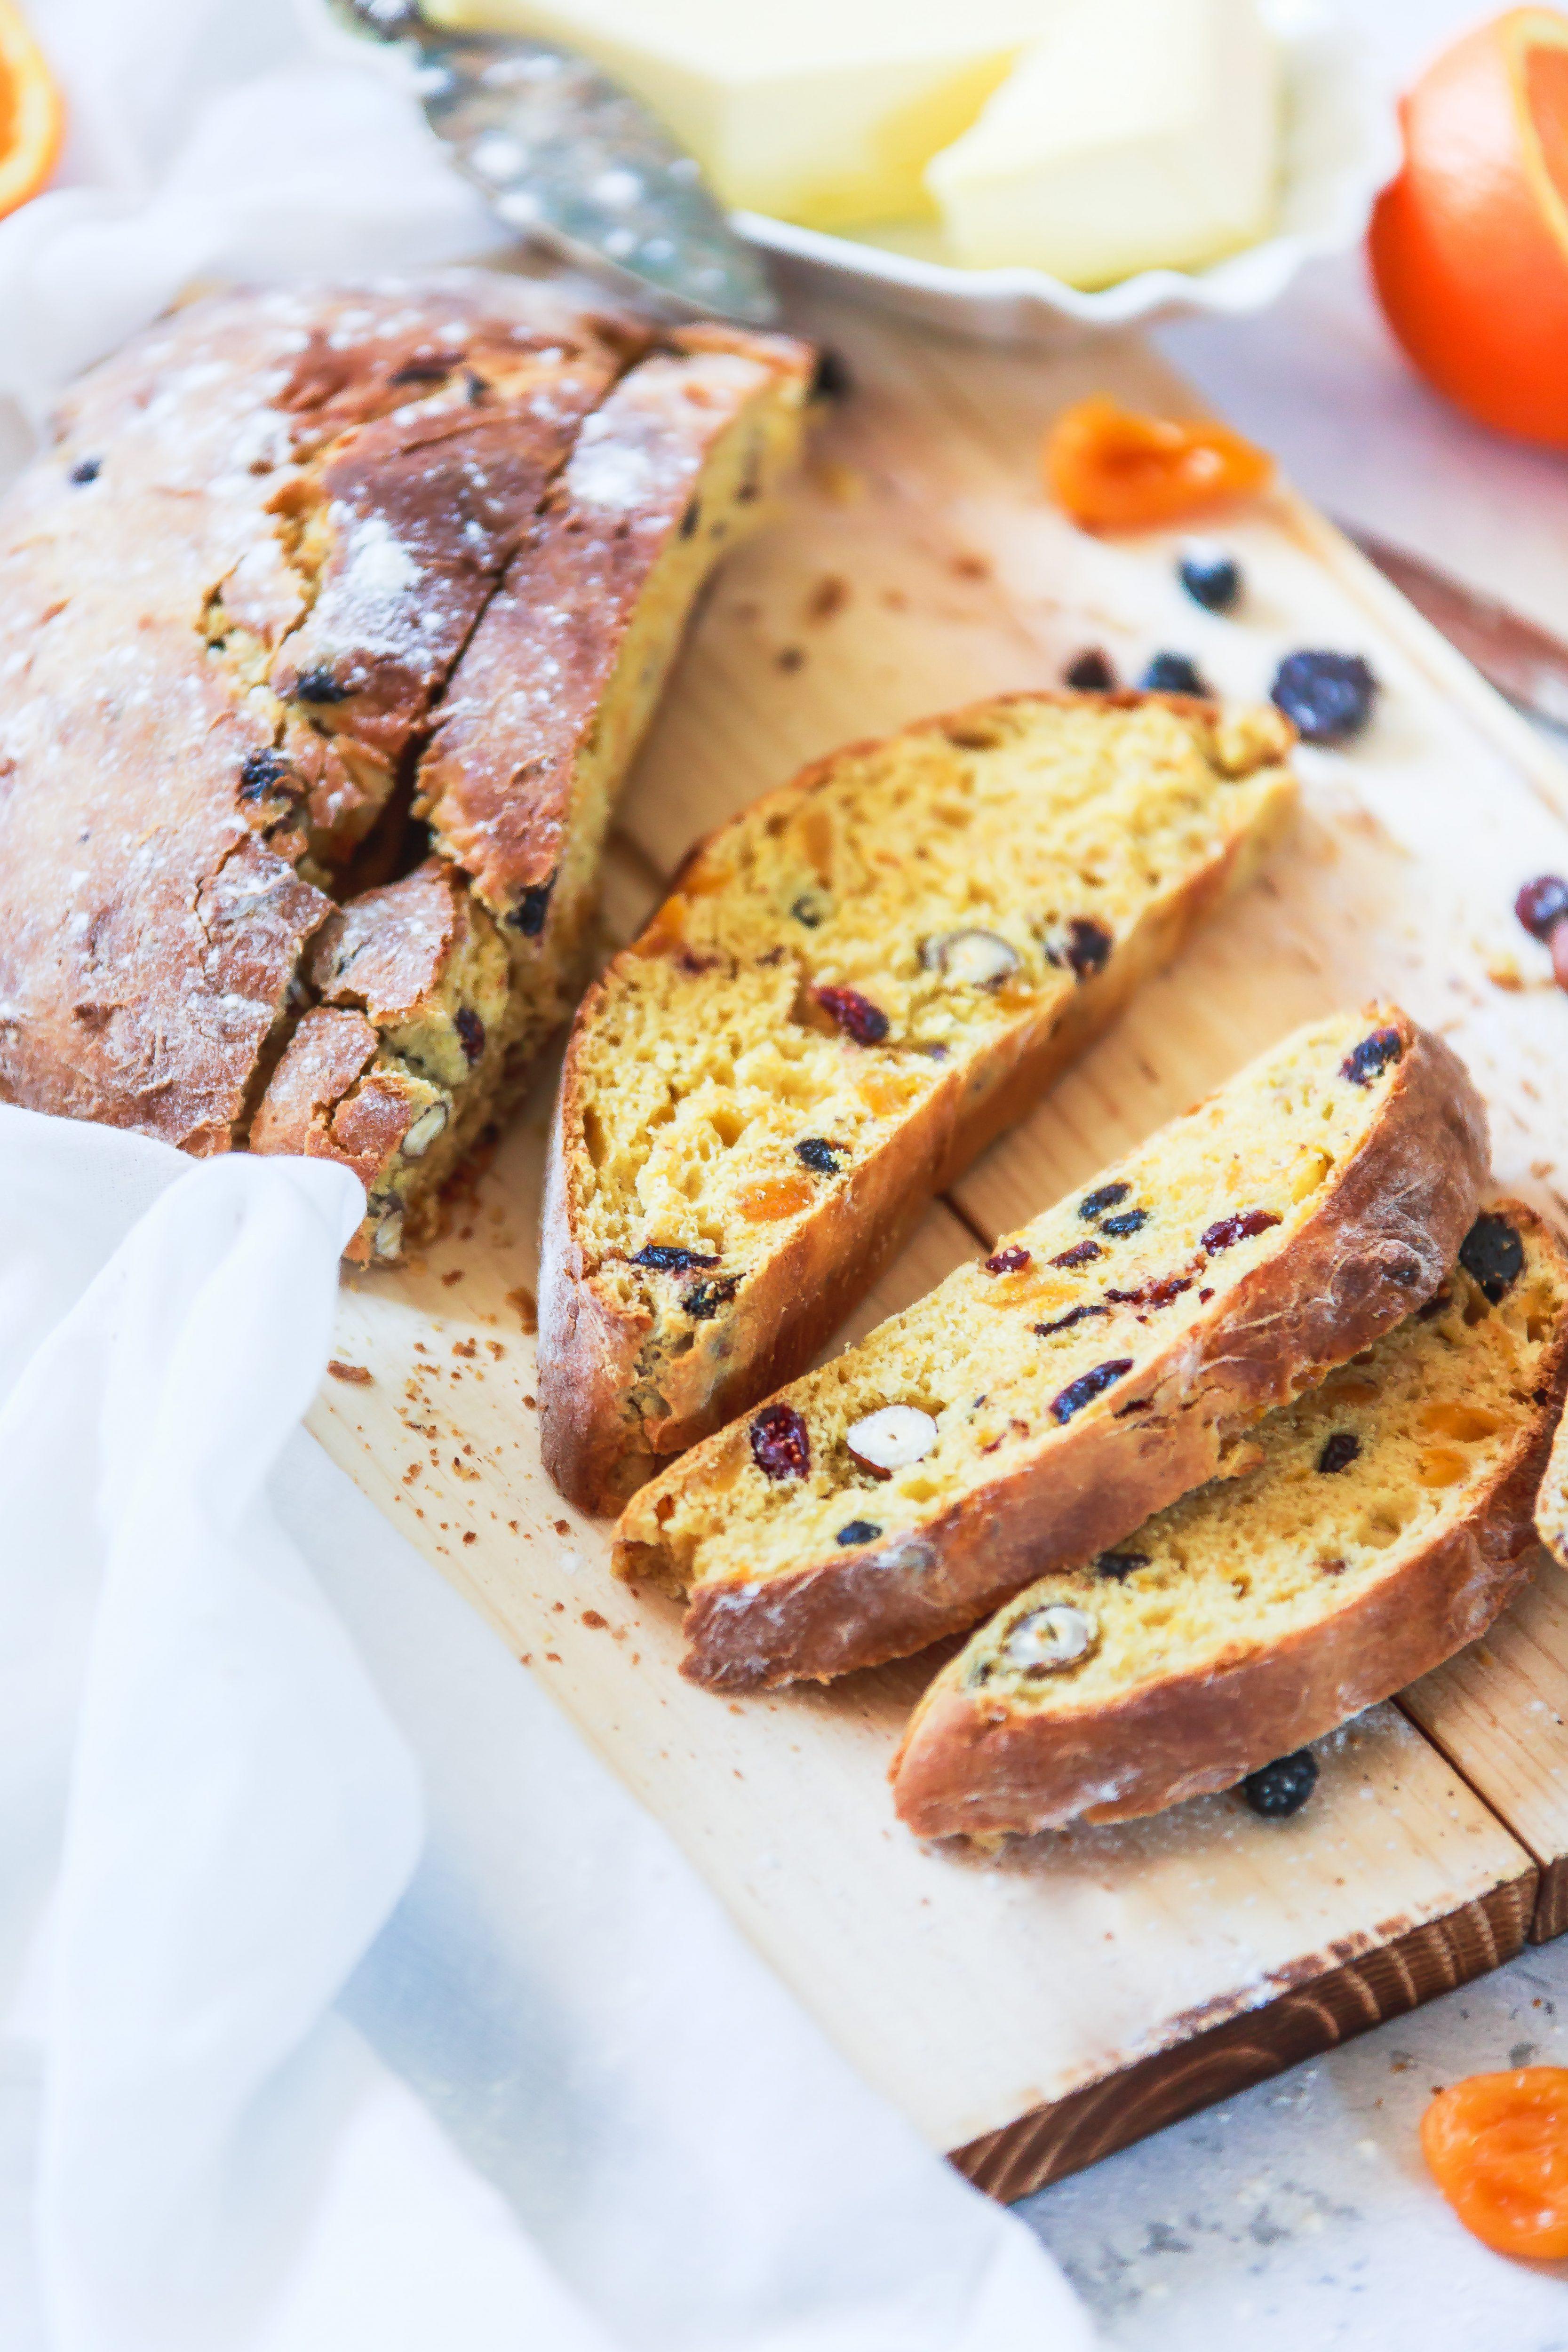 Recette du pain brioché aux abricots, noisettes, pruneaux et jus d'orange. Photographe et styliste culinaire France.